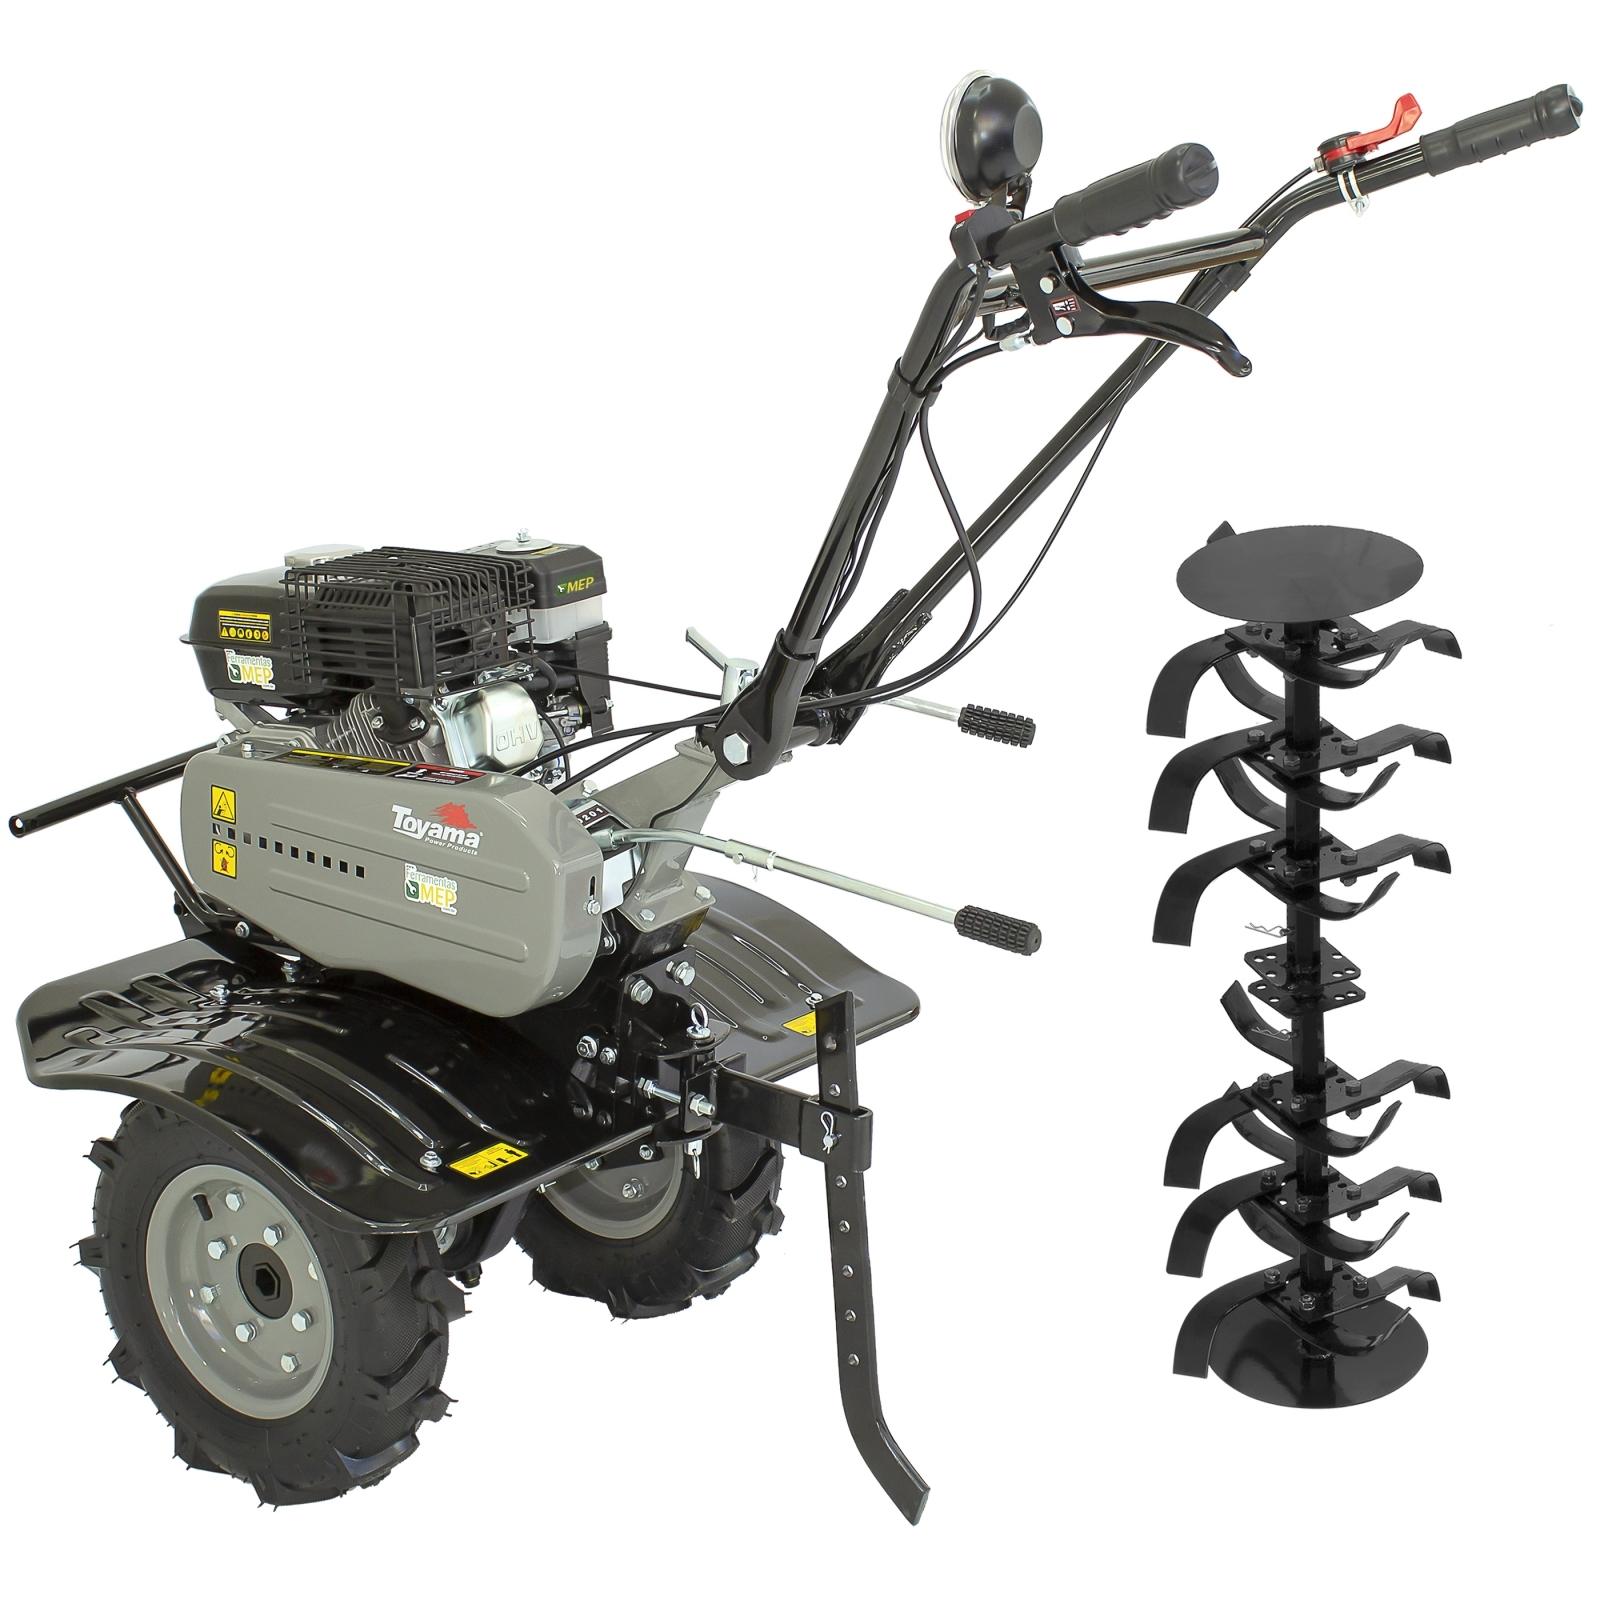 Motocultivador a Gasolina com Enxada Rotativa 7hp Toyama Tt90r-xp Mc1 - Ferramentas MEP